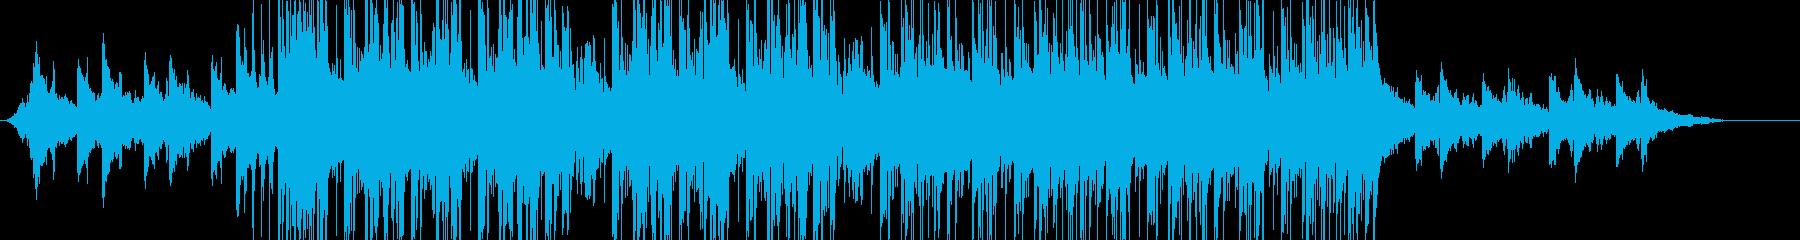 future bass、EDM1-Bの再生済みの波形